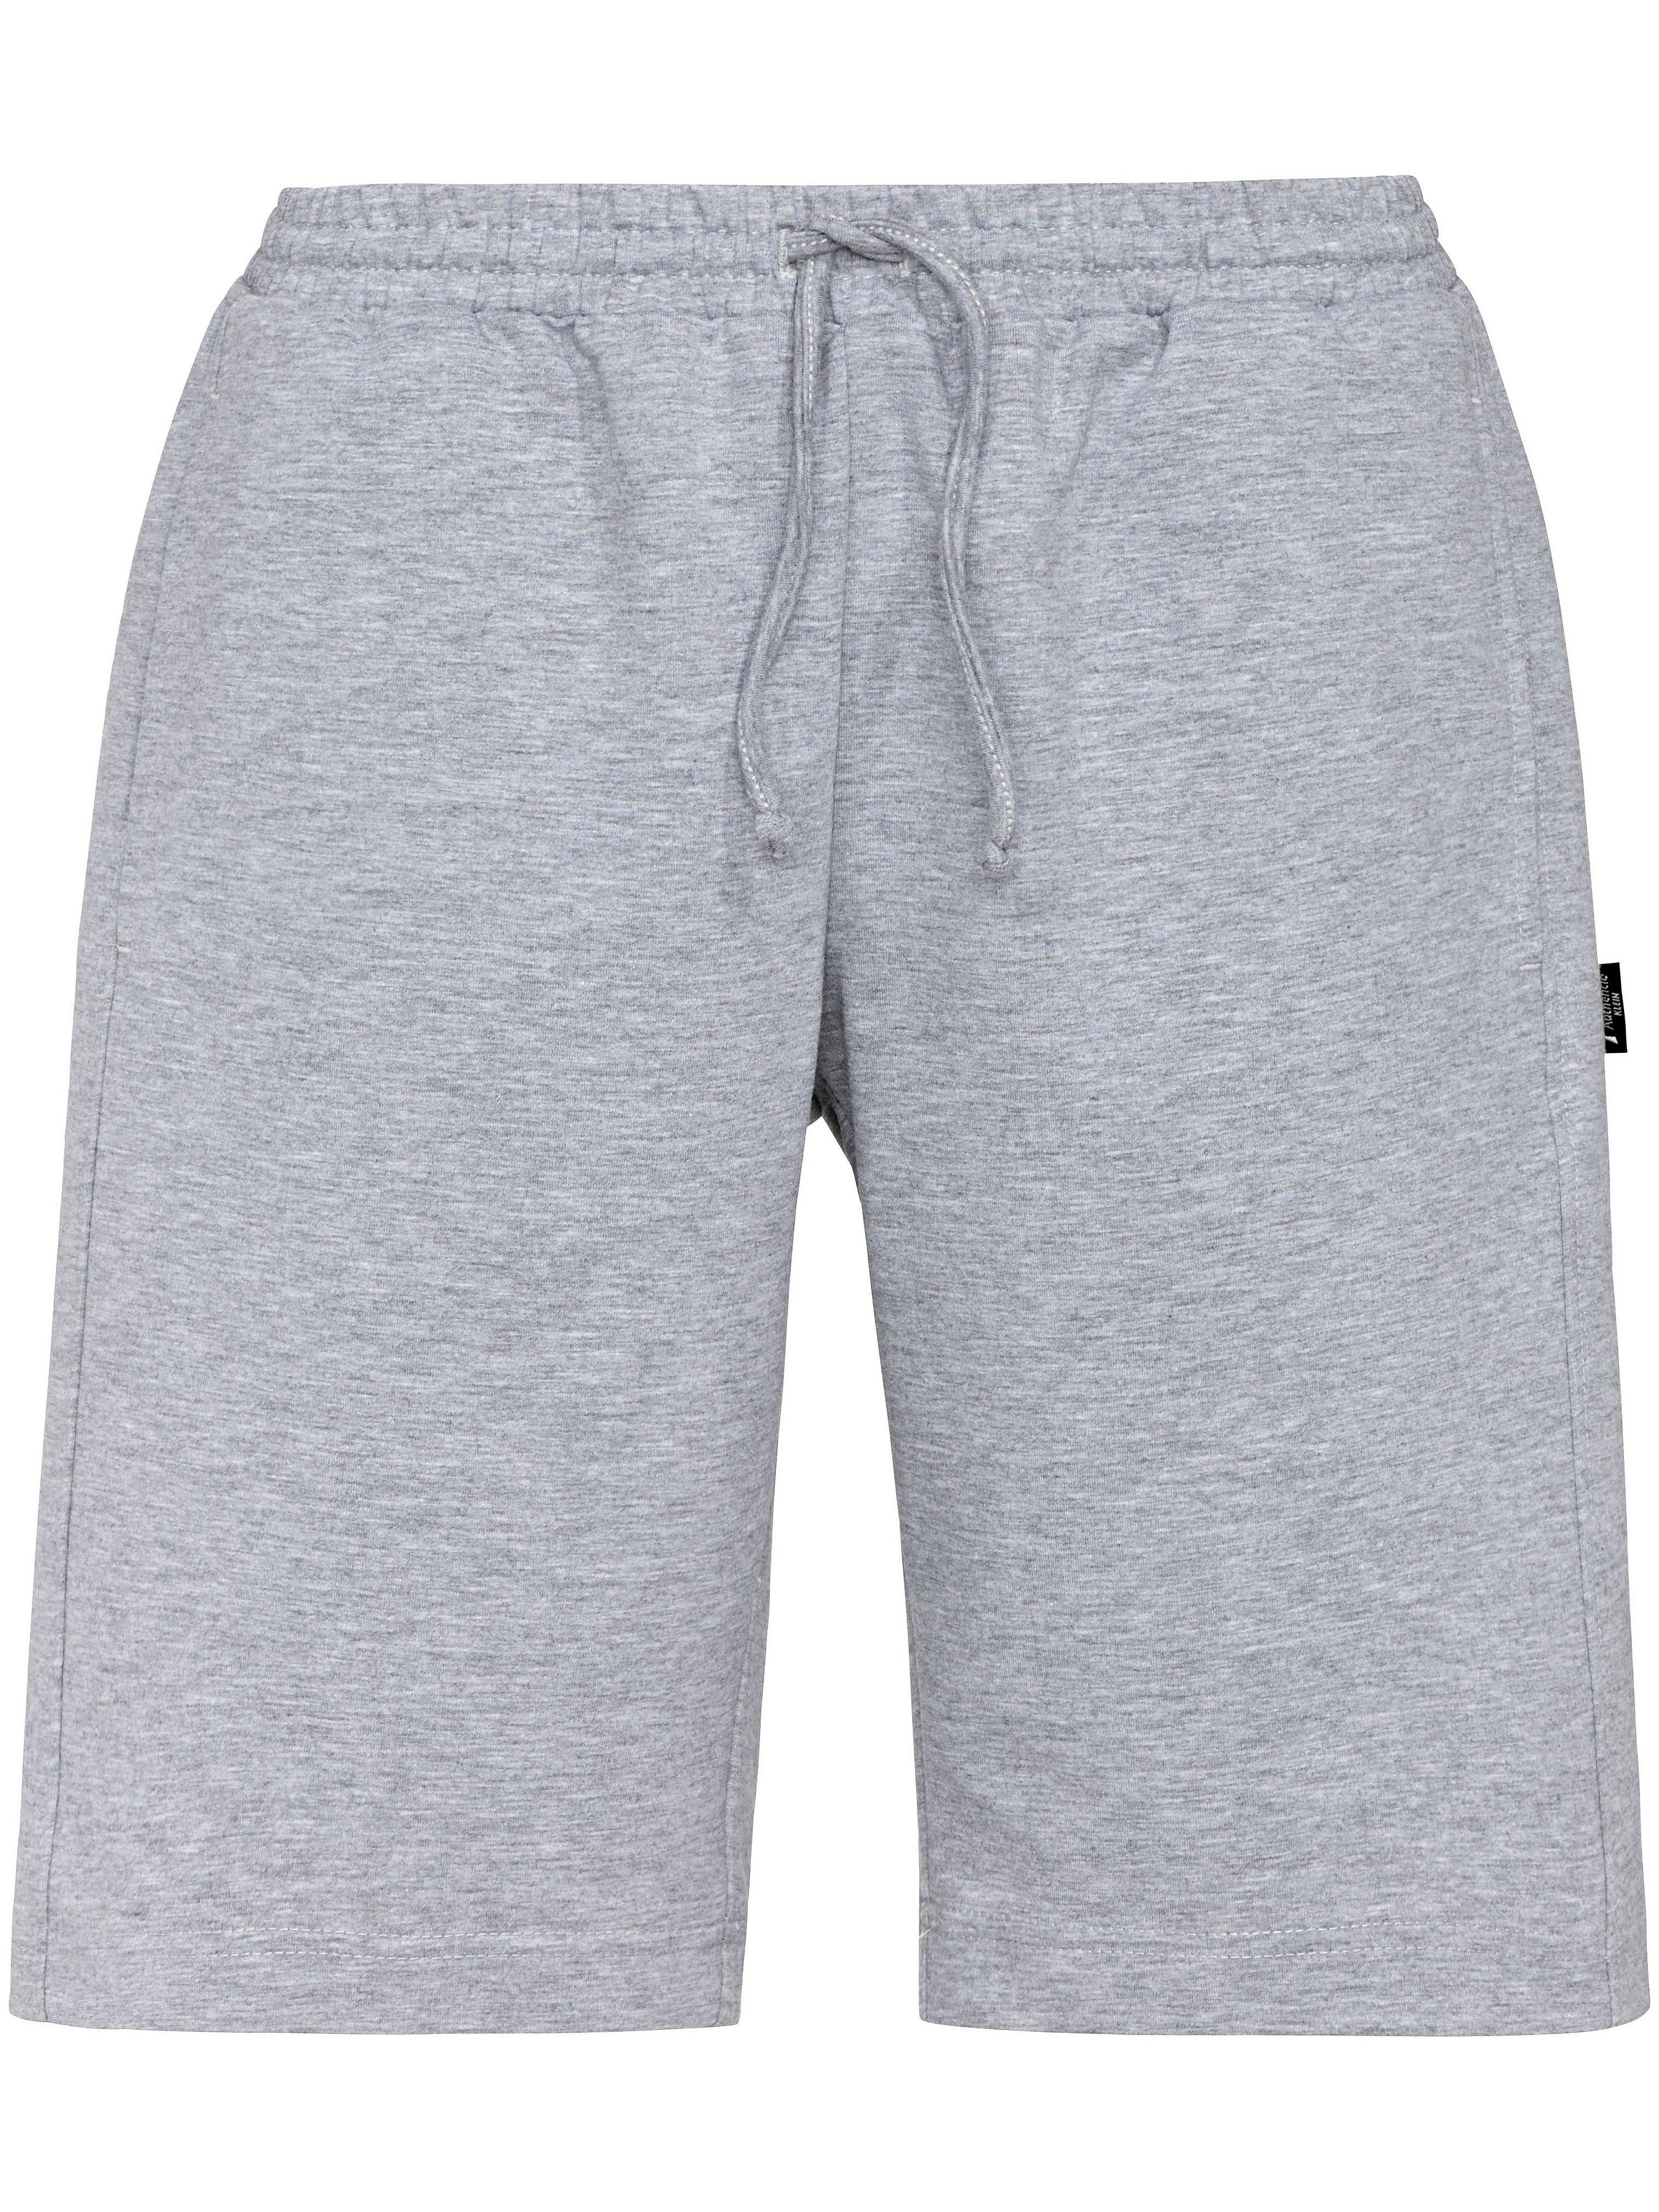 Joggingbroek Van Authentic Klein grijs